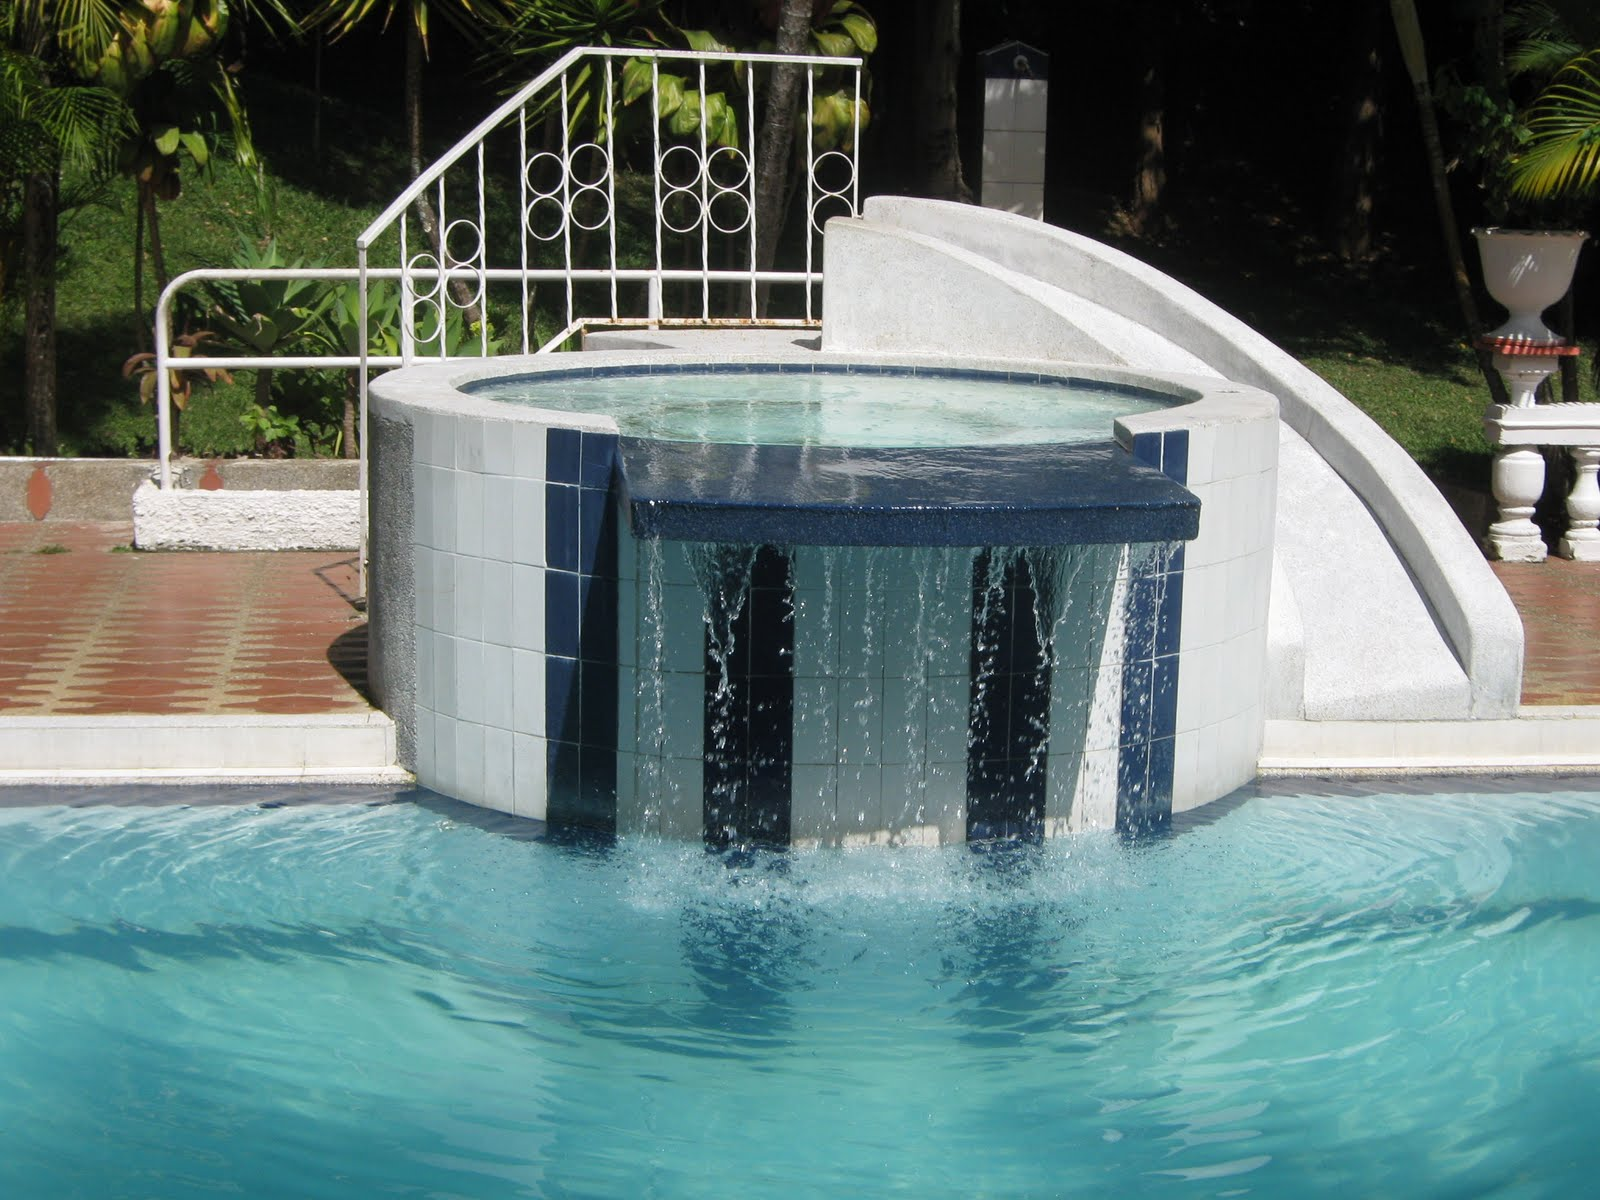 Zwembadenonderhoud modelos de piscinas for Modelos de piscinas campestres